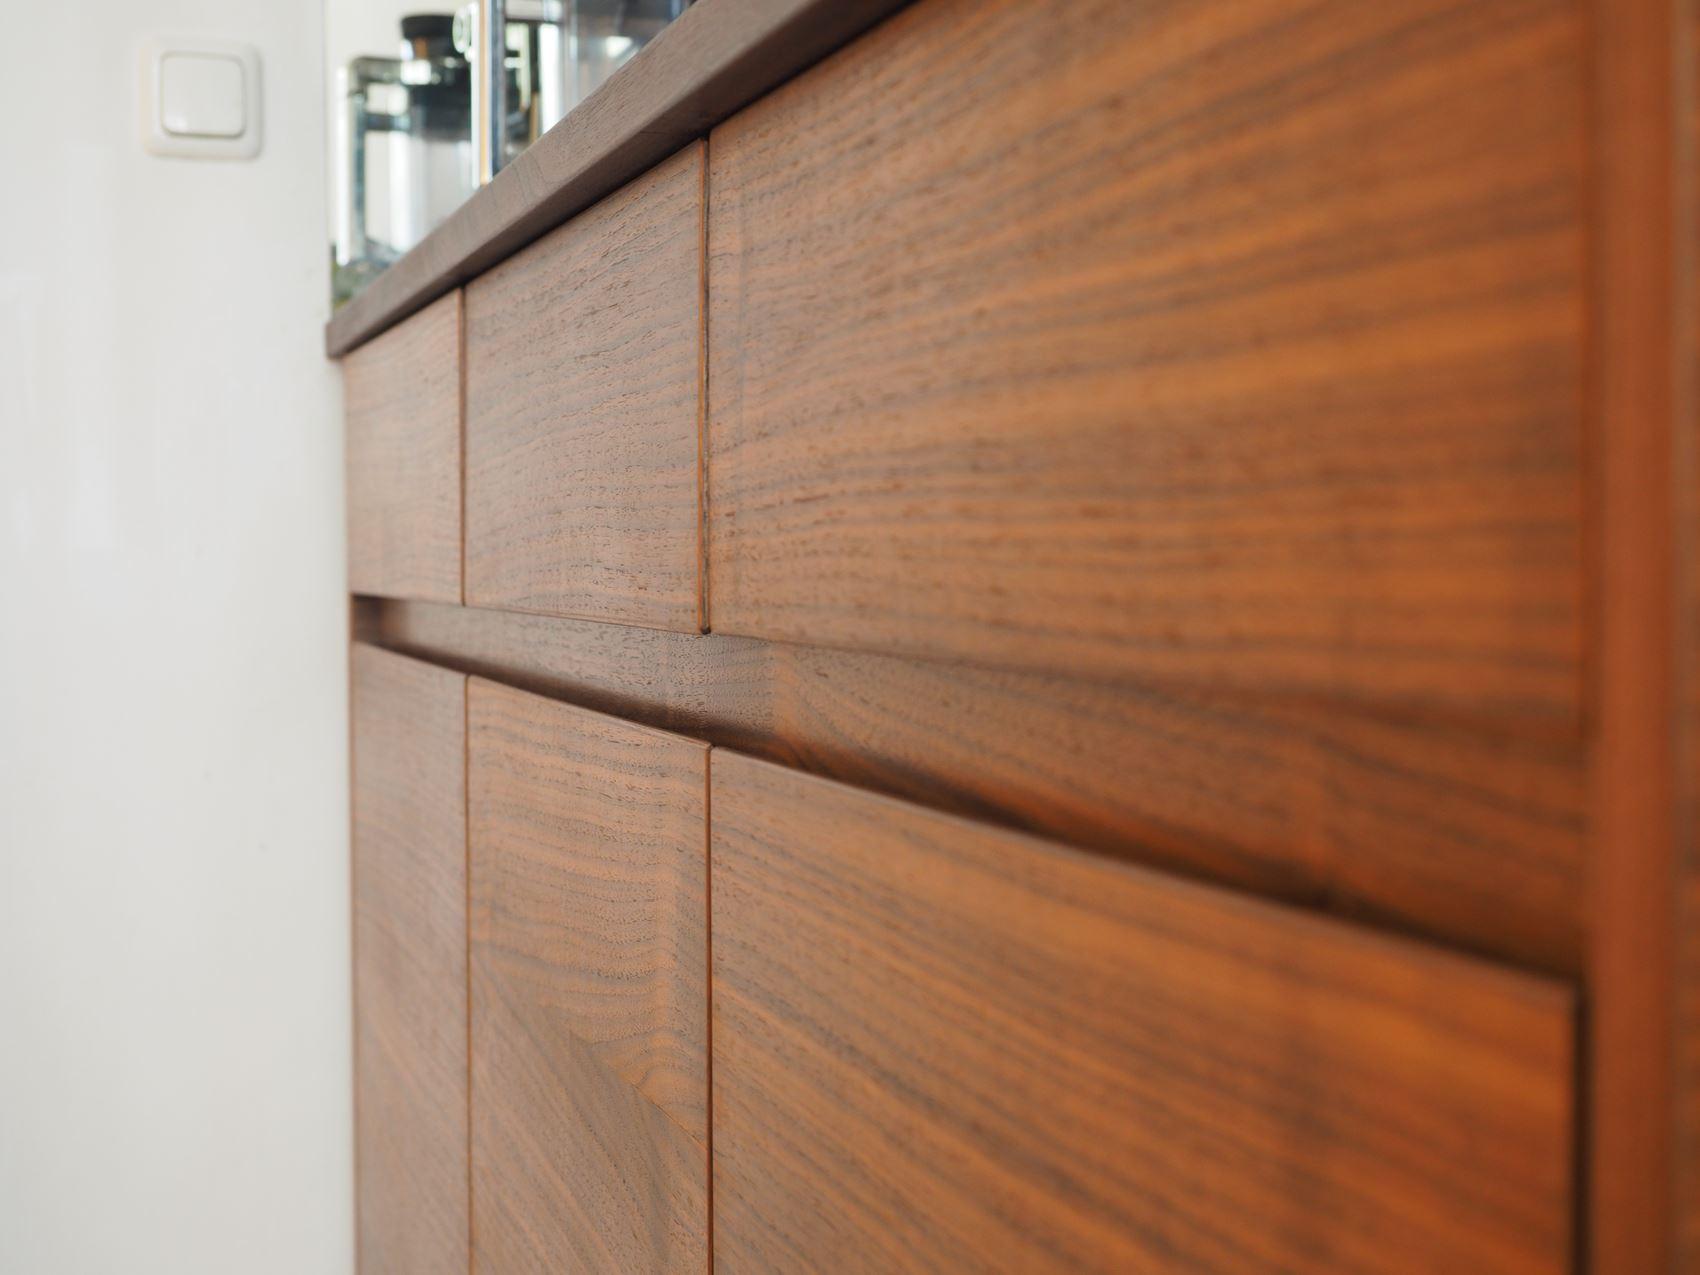 Sideboard mit Starkschnittfurnier vom Tischler in Hamburg – HAMBURGERmöbel